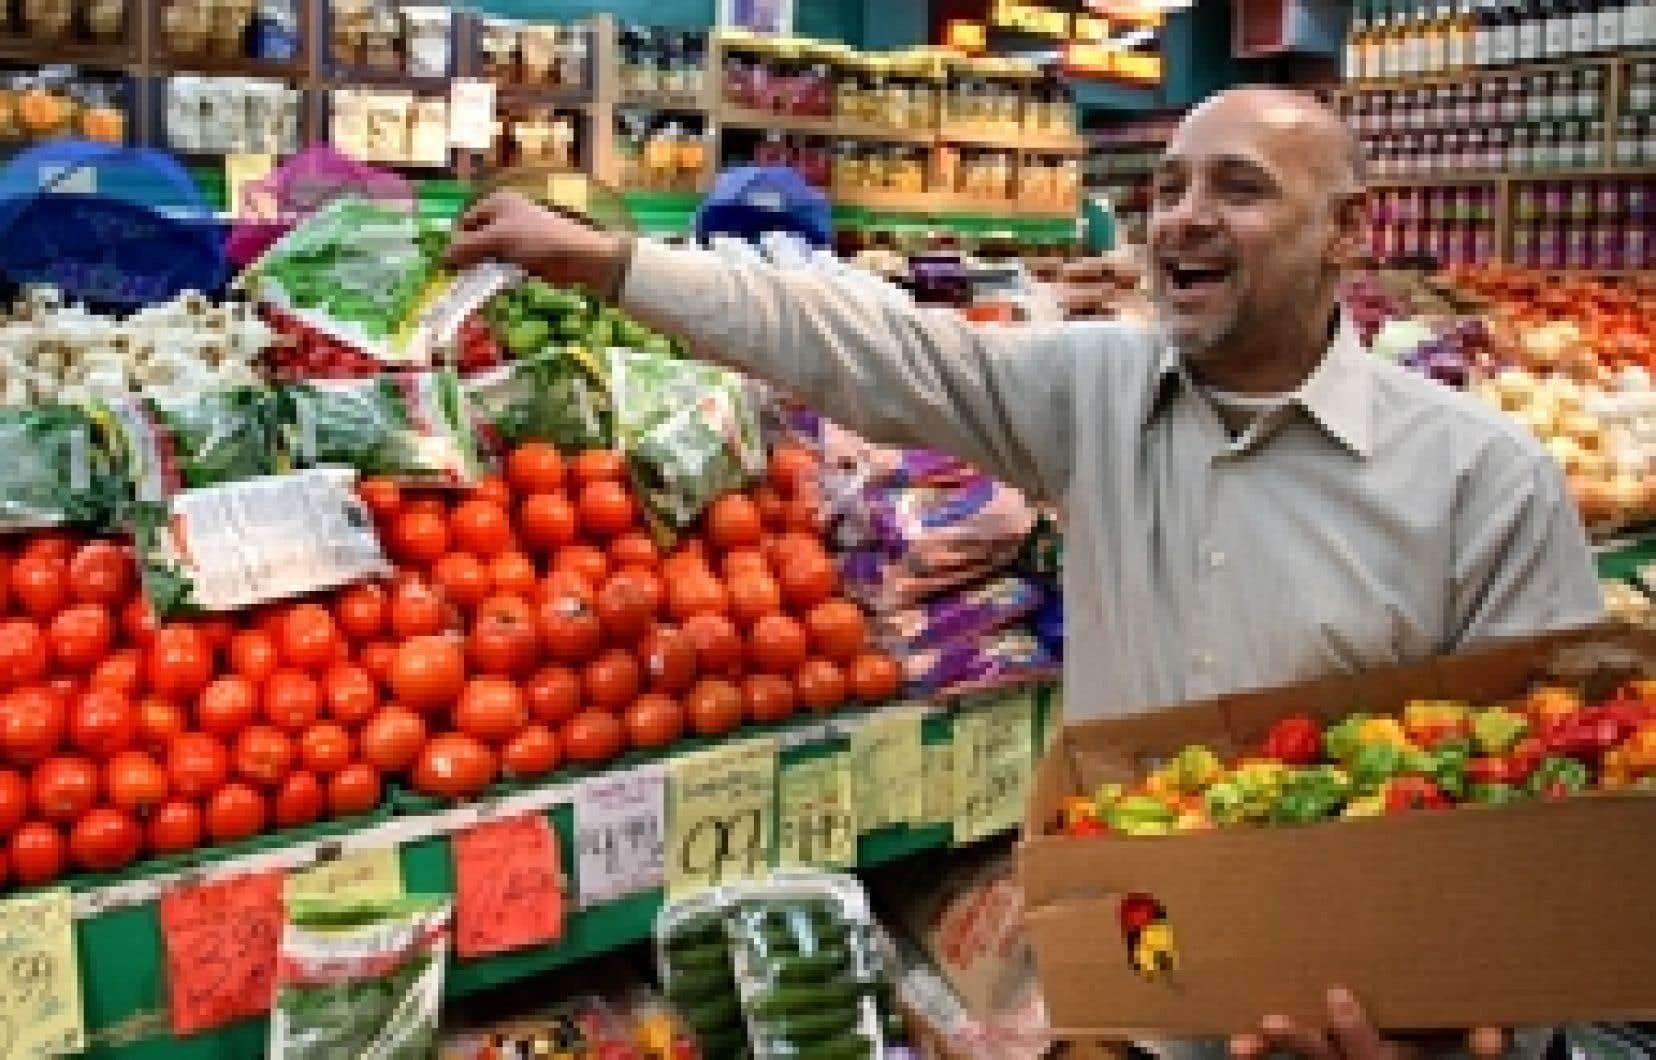 D'origine pakistanaise, Javed Iqbal utilise couramment le français pour servir les clients de son épicerie de l'avenue du Parc, à Montréal. Le français comme langue de travail a légèrement progressé au Québec, selon les données du recenseme